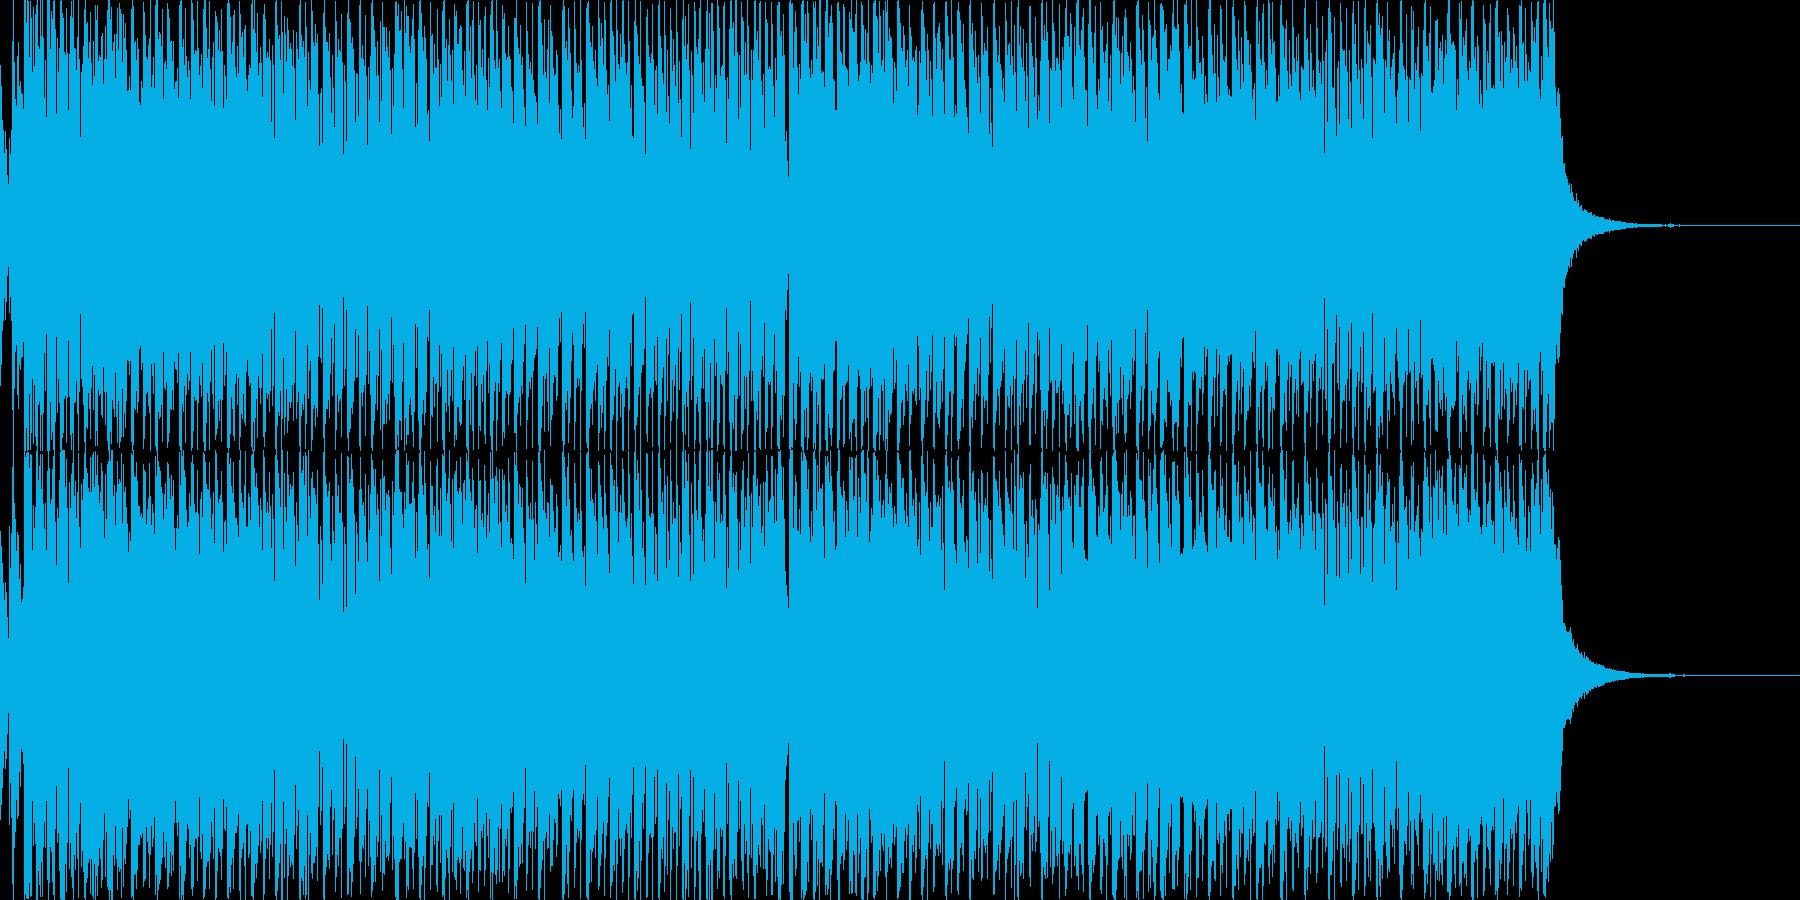 明るく爽快なエレクトロダンスBGMの再生済みの波形